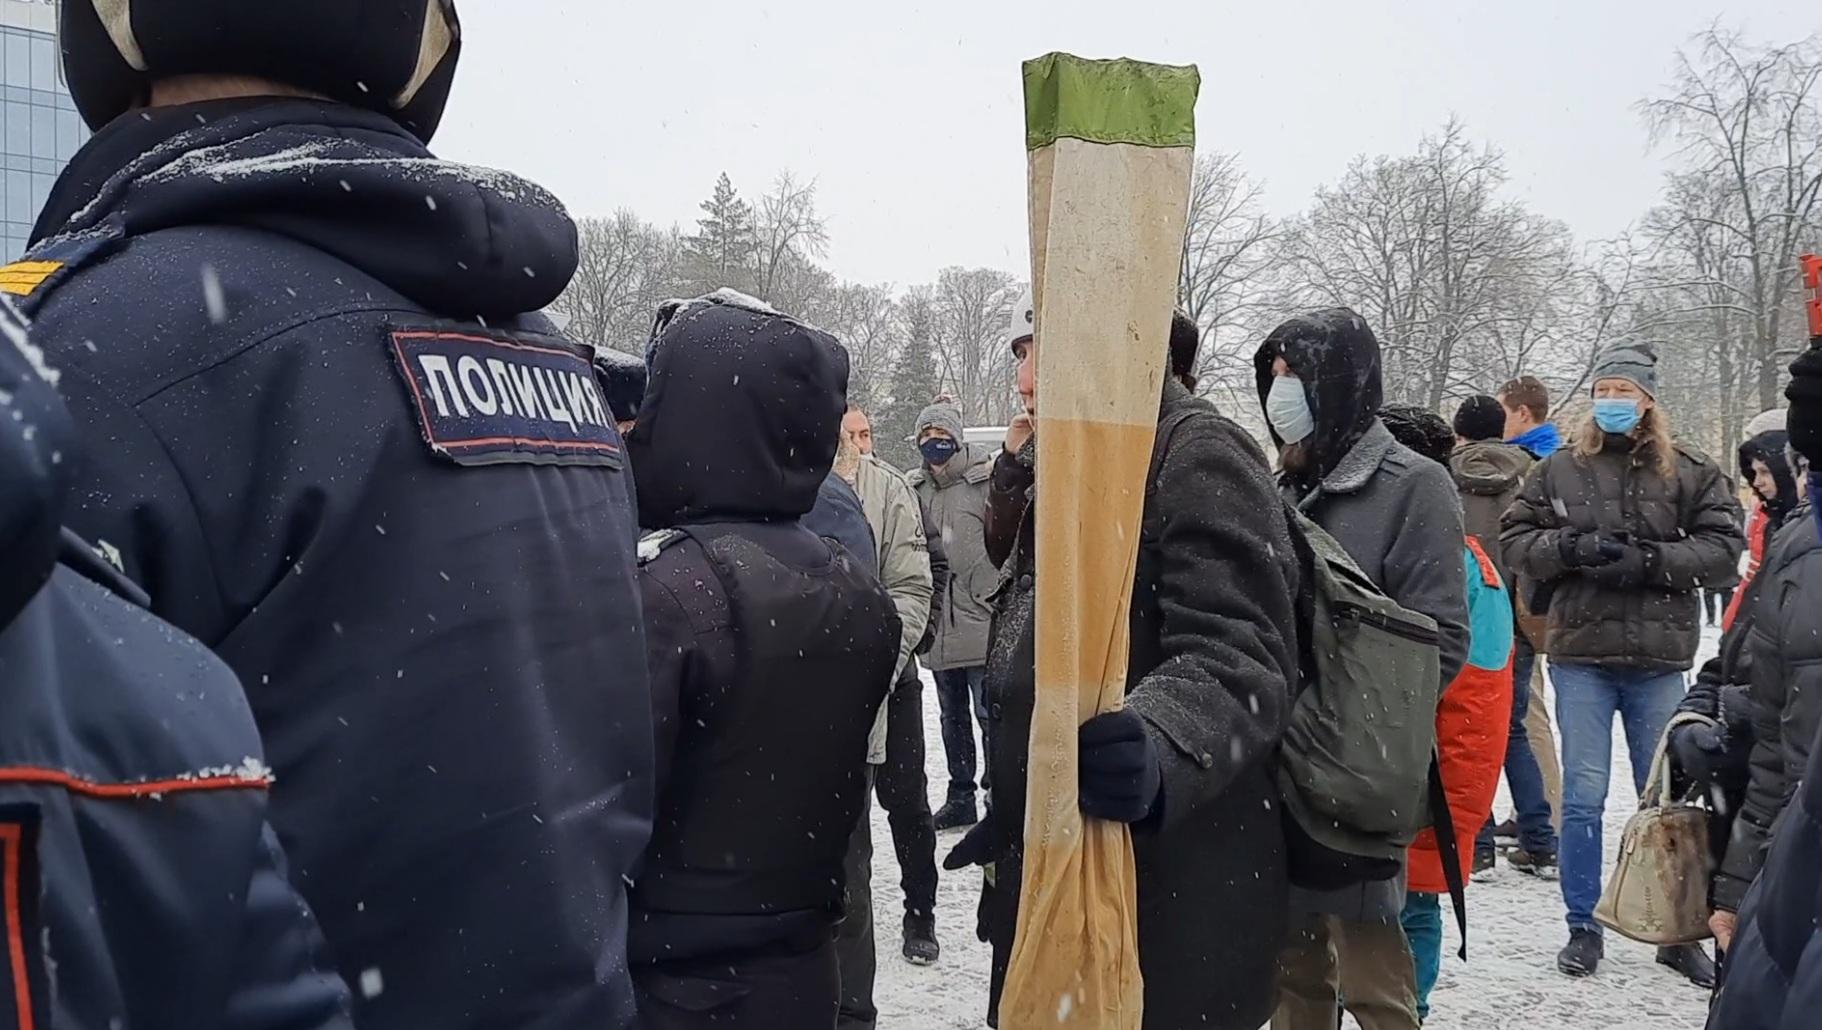 Ярославская несистемная оппозиция отказалась от несанкционированных митингов